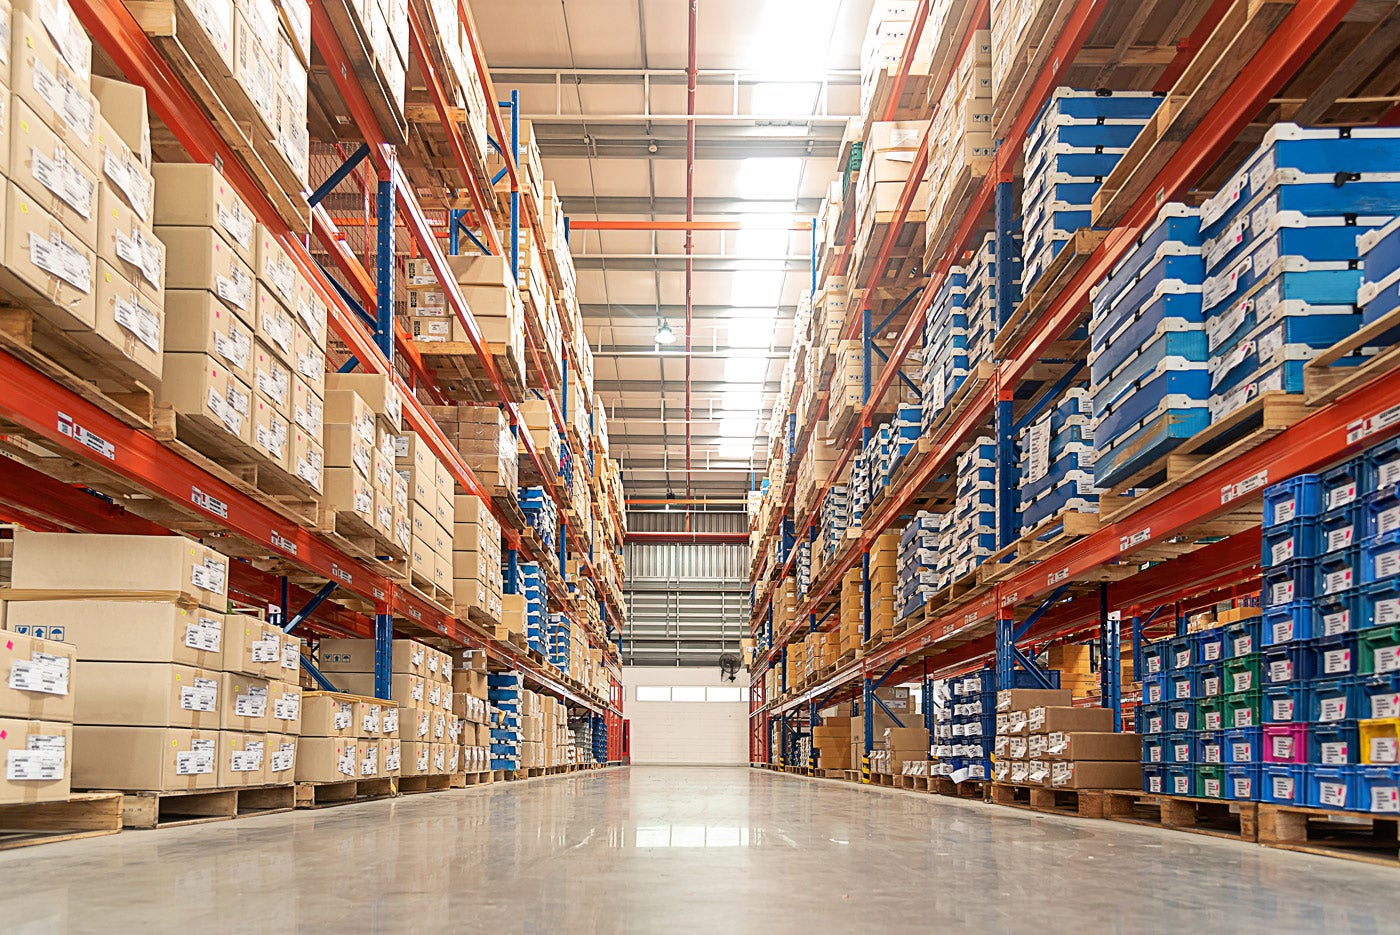 Promess warehouse